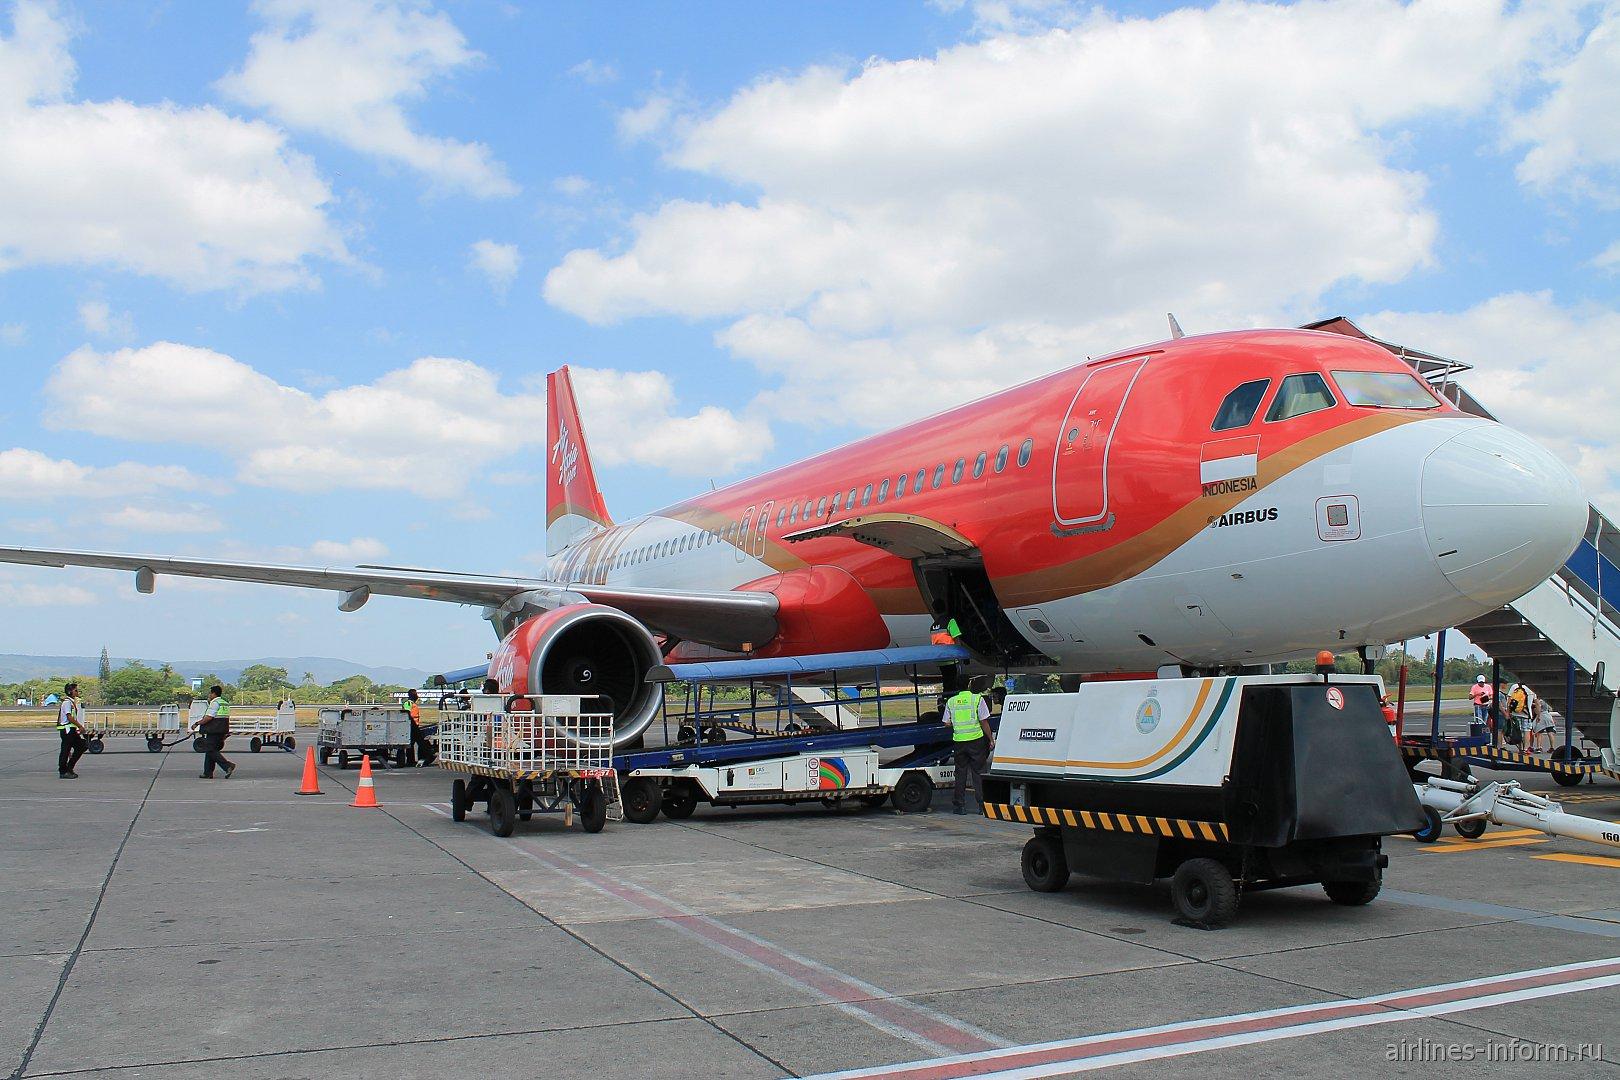 Джакарта (CGK)– Джокьякарта (JOG) с лучшим лоукостером в мире Air Asia. Небольшой споттинг в аэропорту Джокьякарты как бонус.